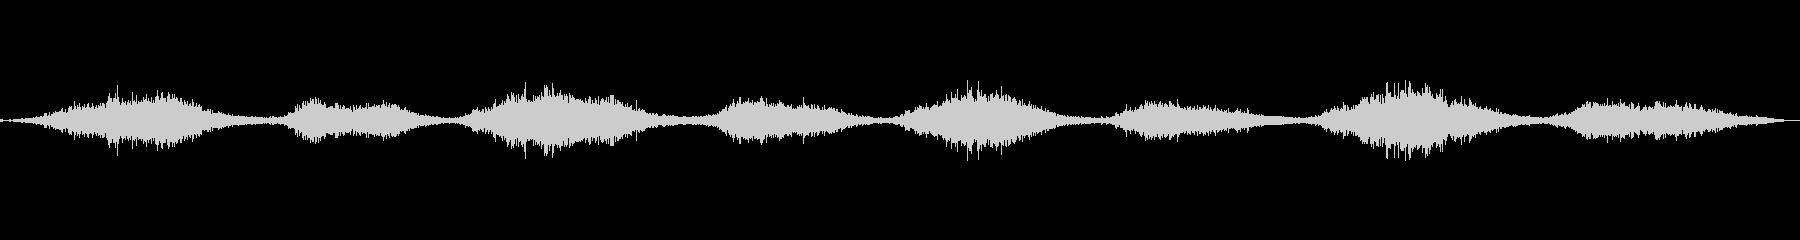 ゴシゴシ(ブラシでこする音)の未再生の波形